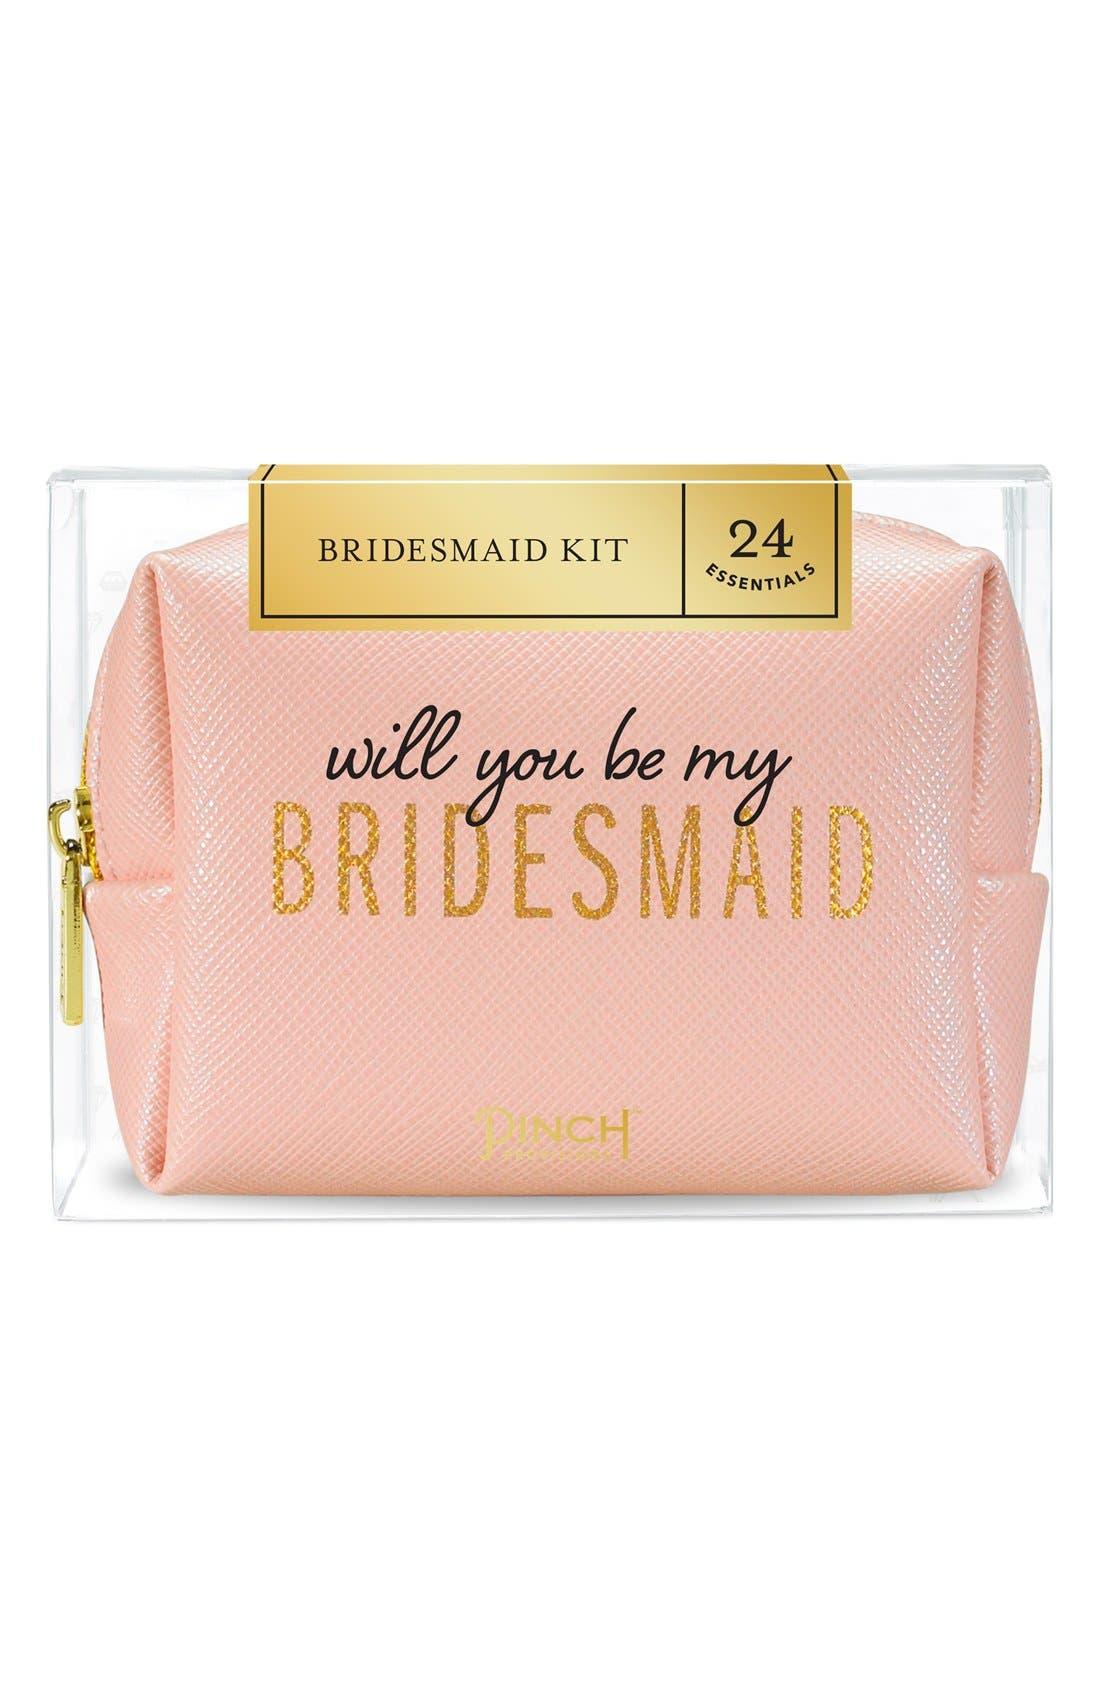 'Be My Bridesmaid' Kit,                             Main thumbnail 1, color,                             650